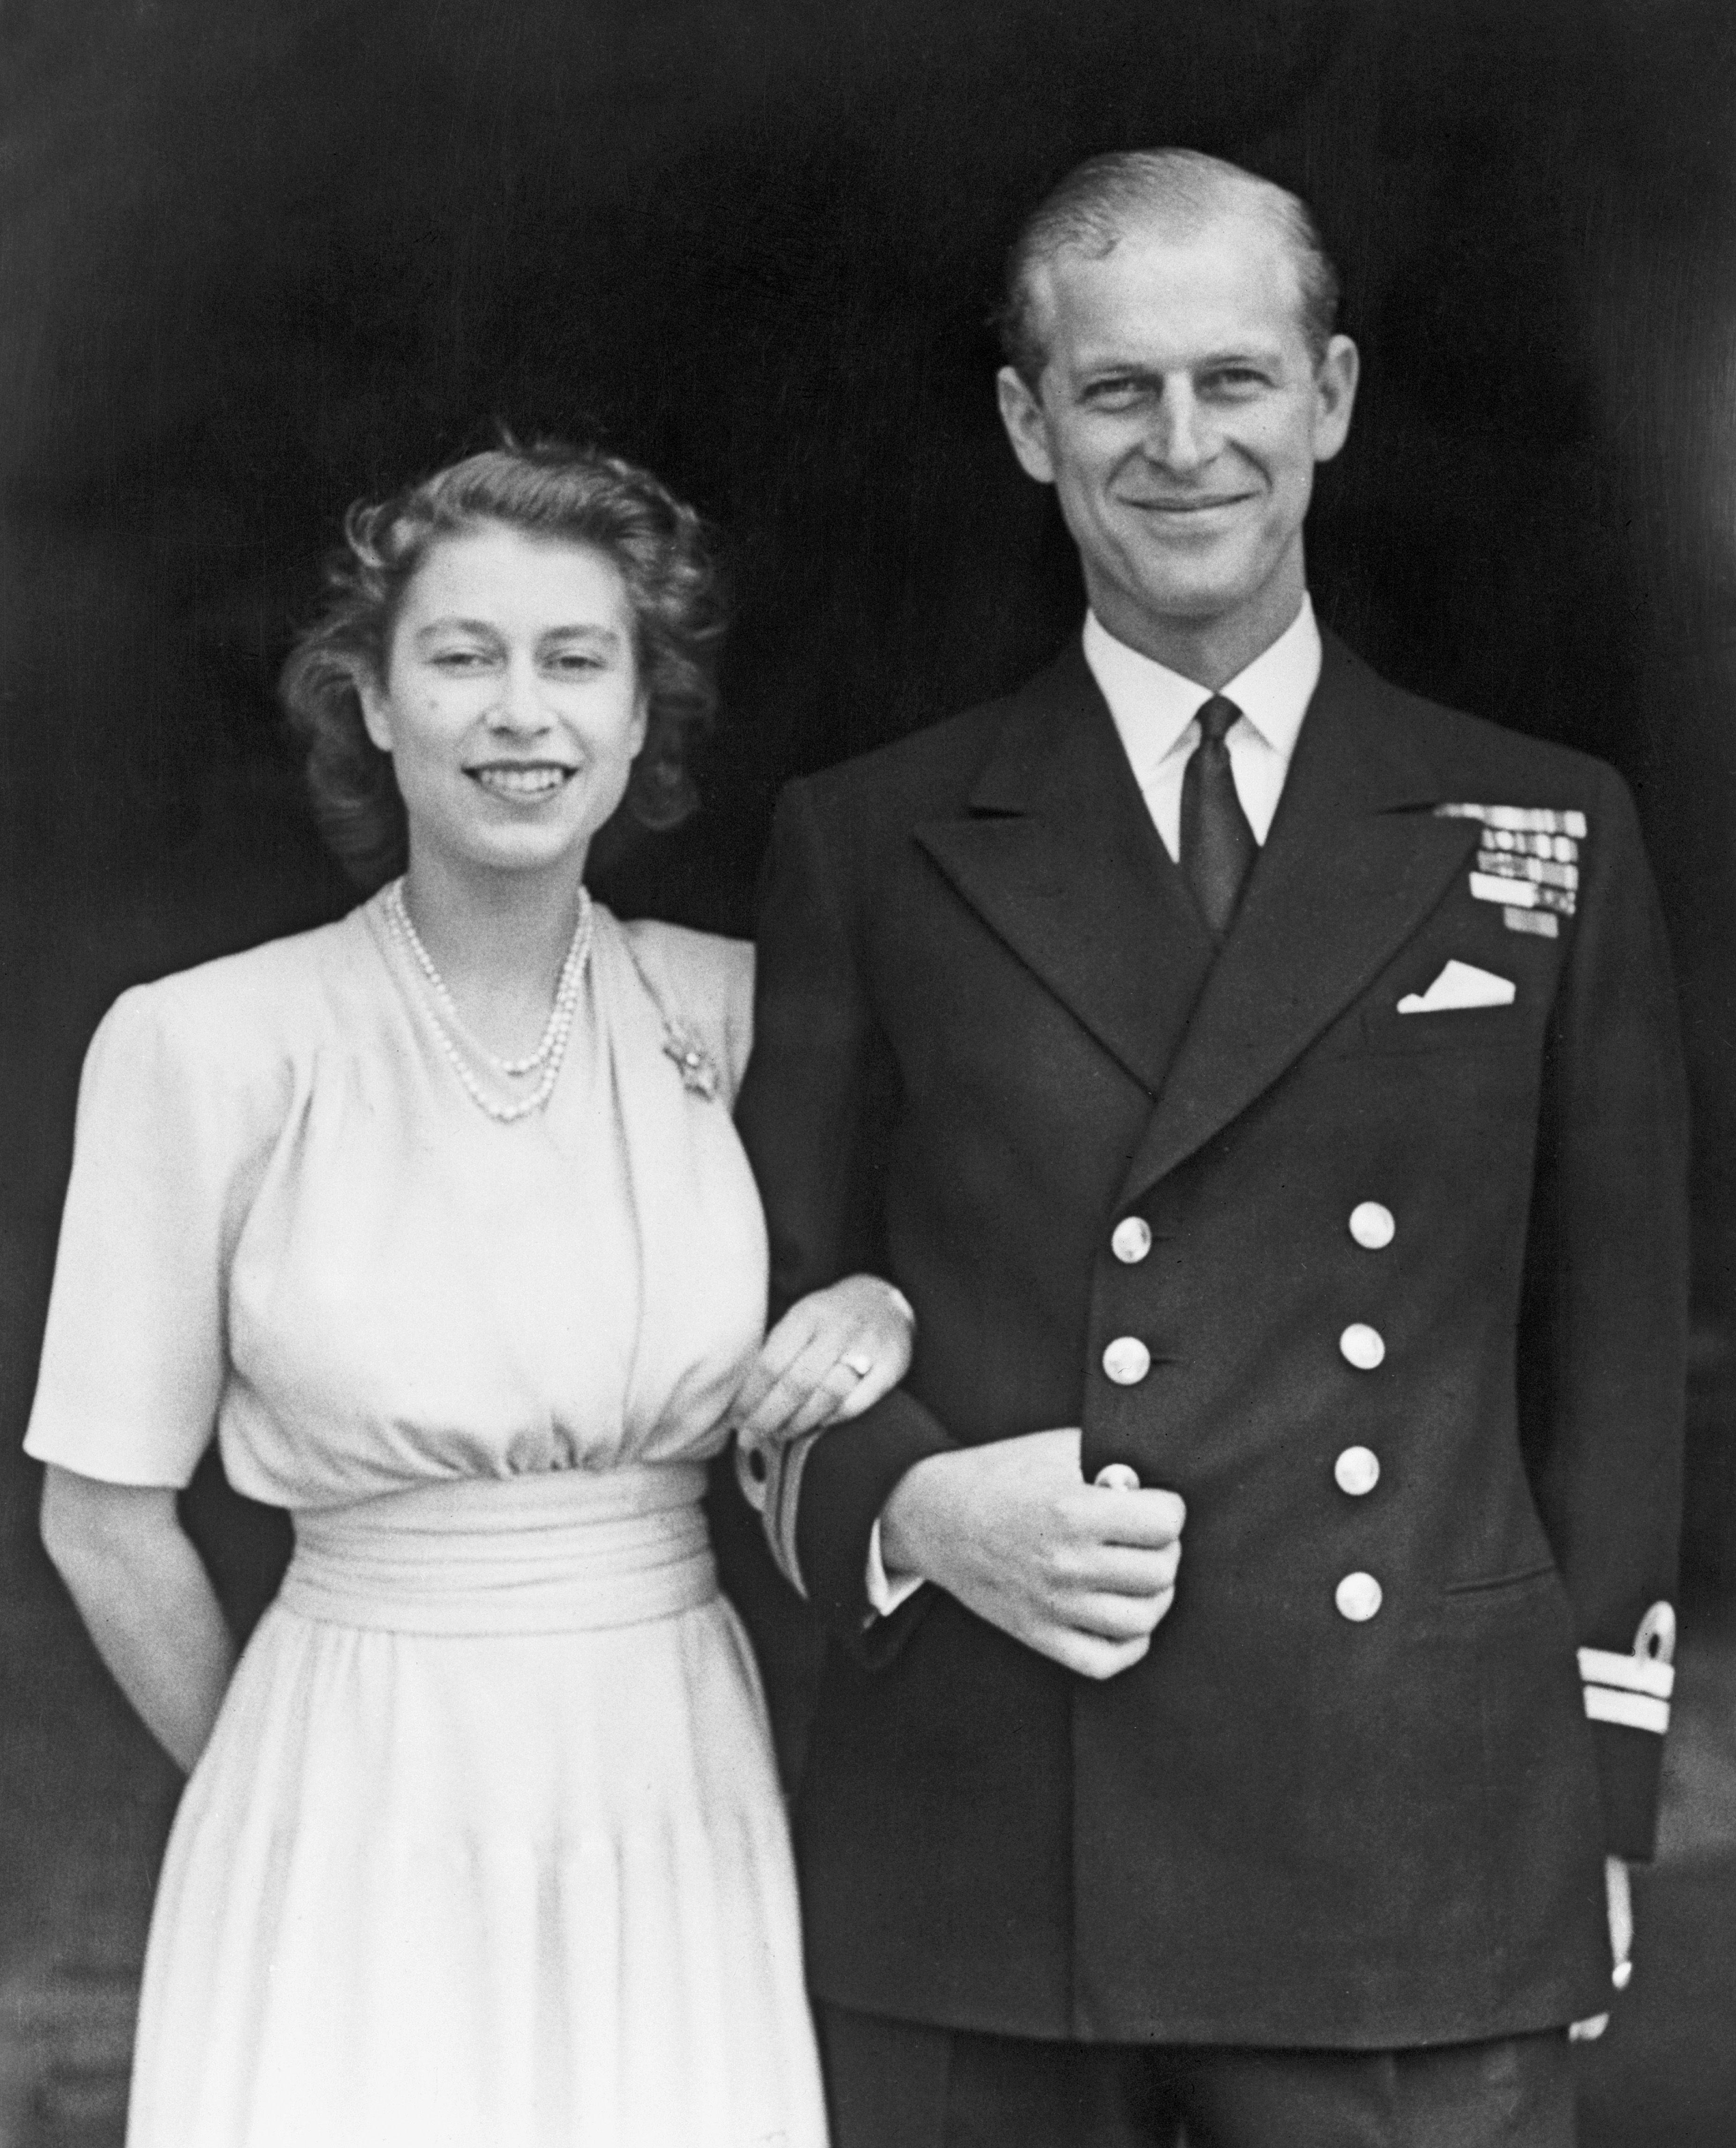 Regina Elisabetta e principe Filippo, la foto per l'anniversario su IG è la festa dell'amore (che dura da 73 anni!)